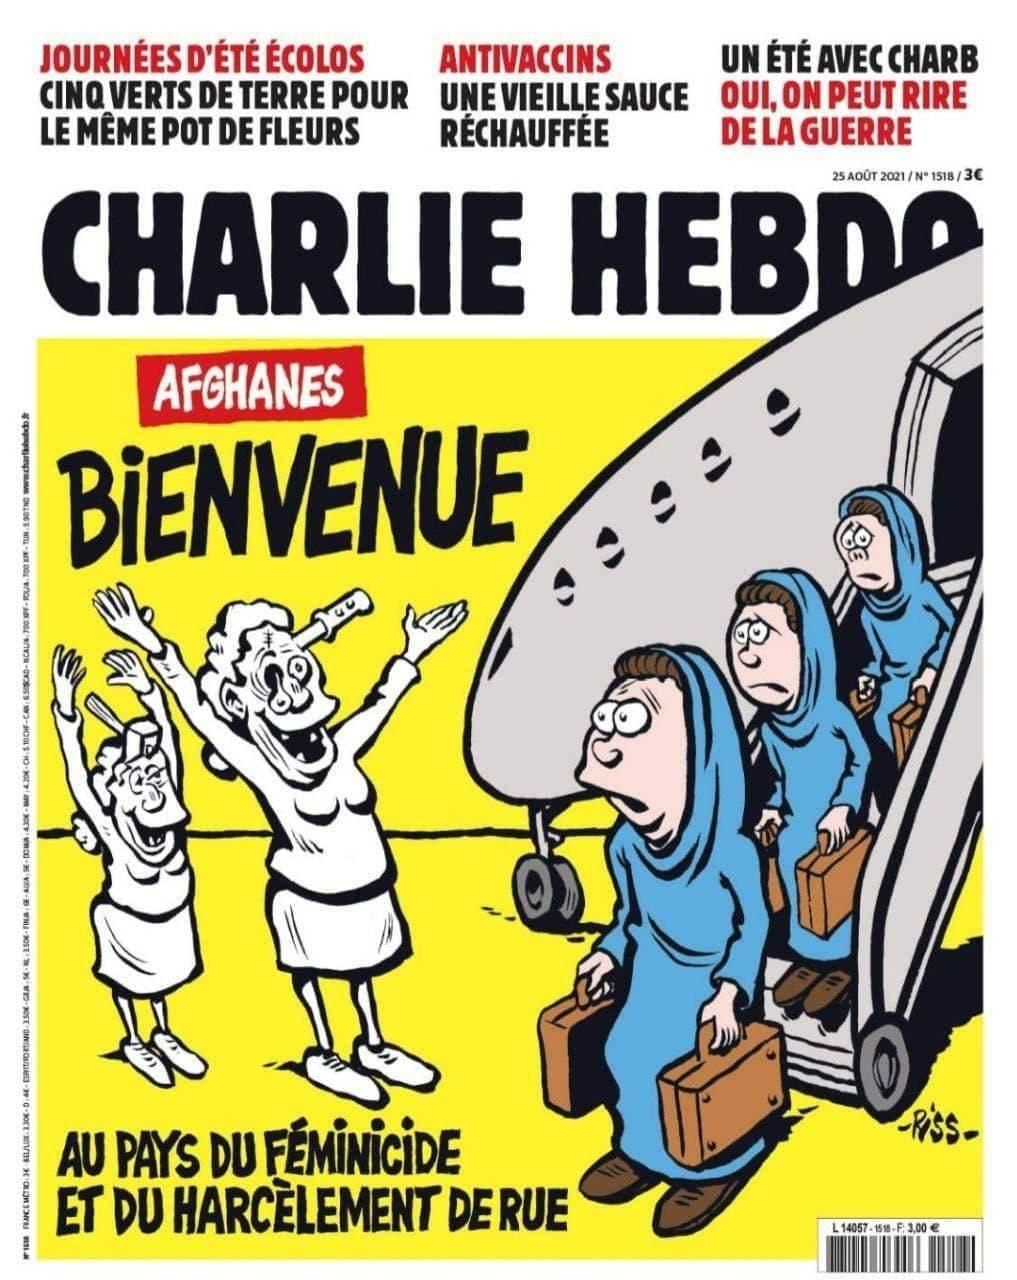 کاریکاتور جدید شارلی ابدو در مورد ورود زنان افغانستانی به فرانسه! + عکس